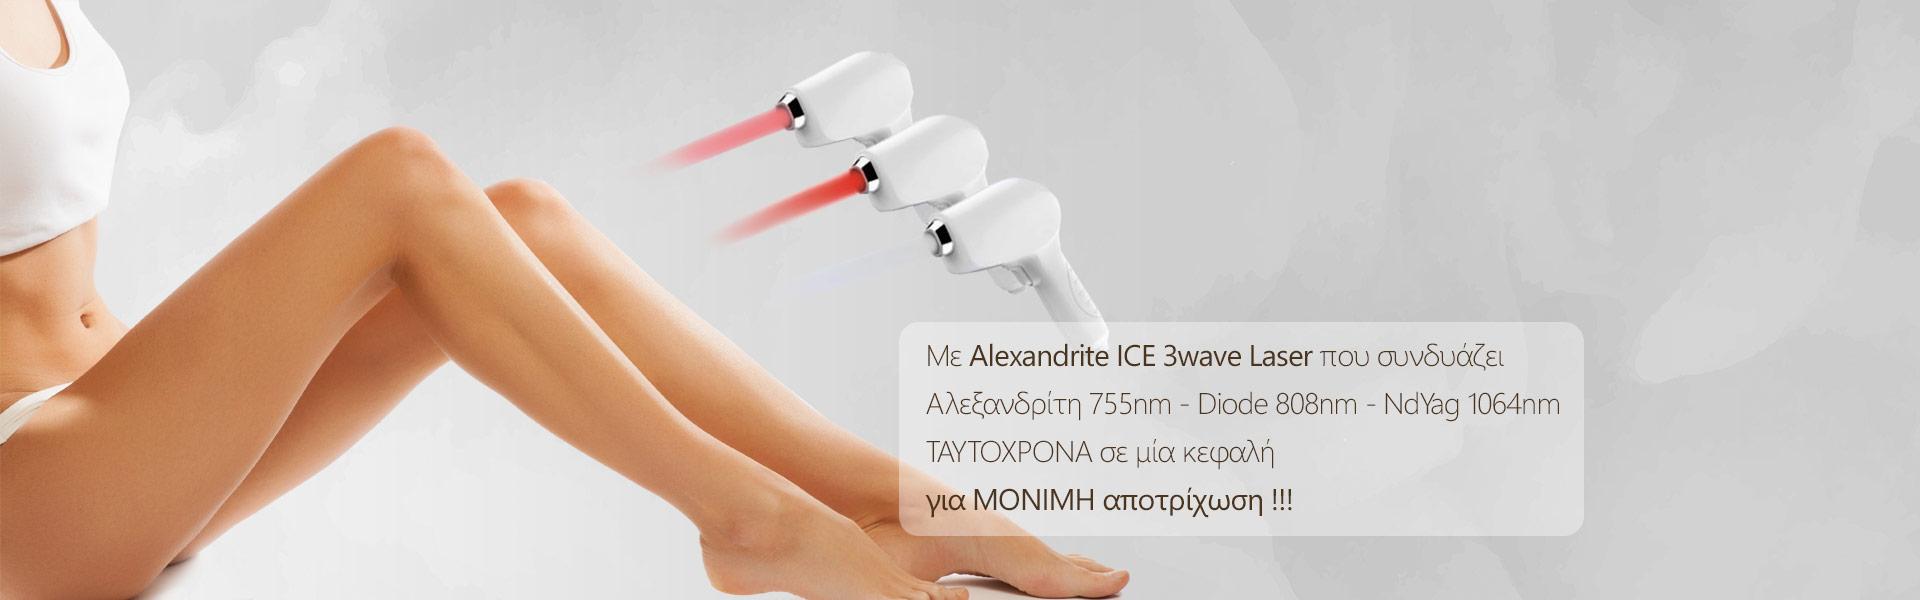 Με Αlexandrite ICE 3wave Laser που συνδυάζει ΤΑΥΤΟΧΡΟΝΑ σε μία κεφαλή για ΜΟΝΙΜΗ αποτρίχωση !!!